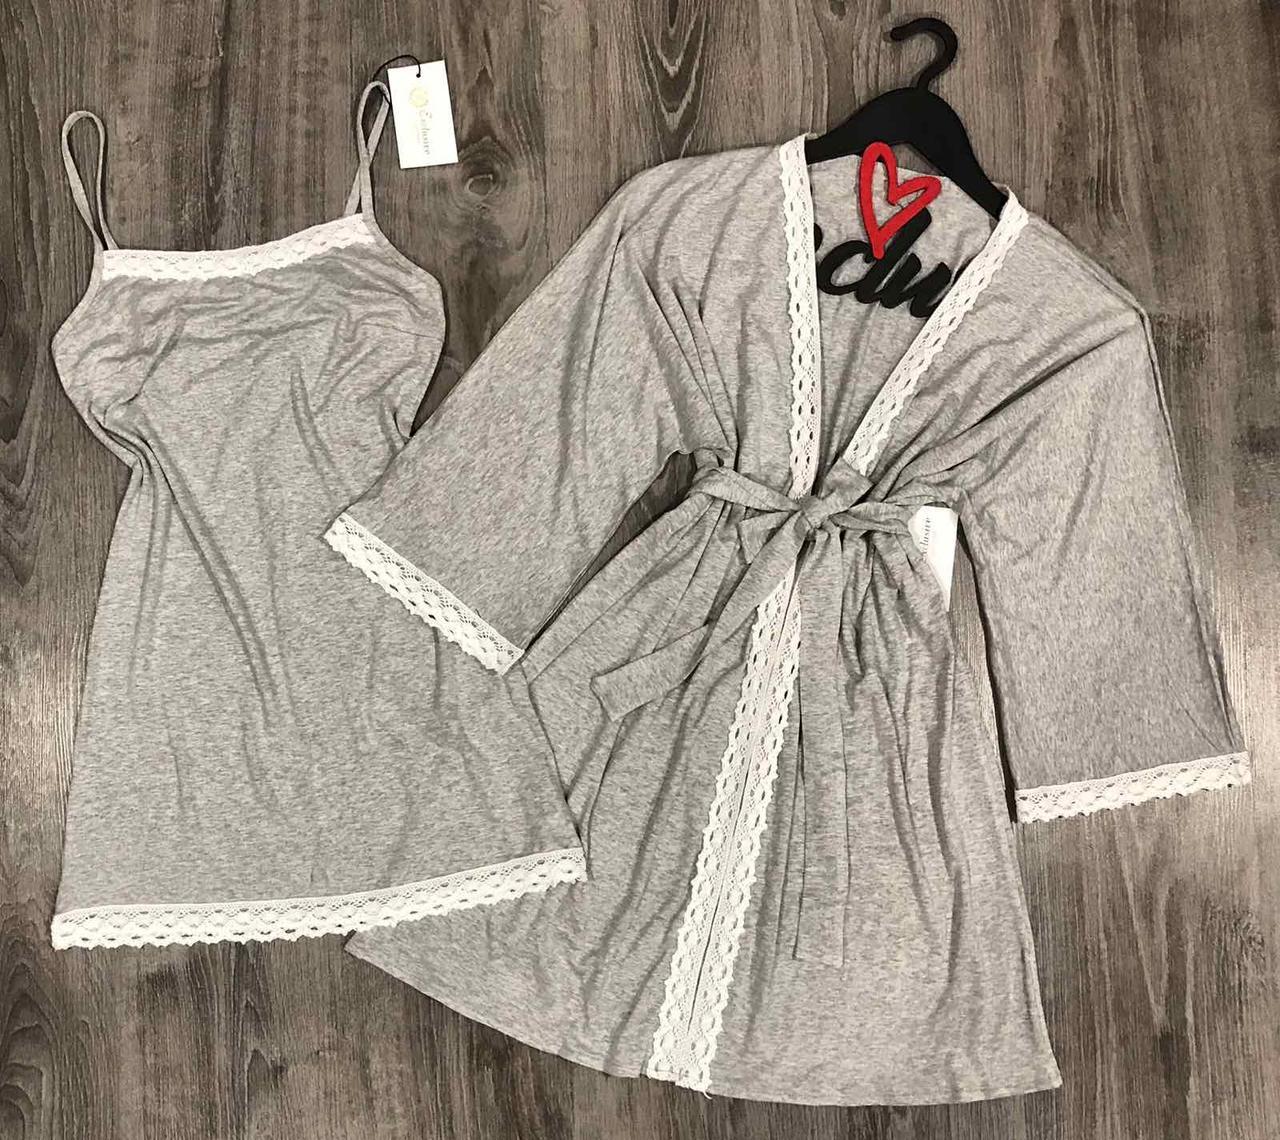 Серый комплект двойка из вискозы халат+сорочка с кружевом 003.